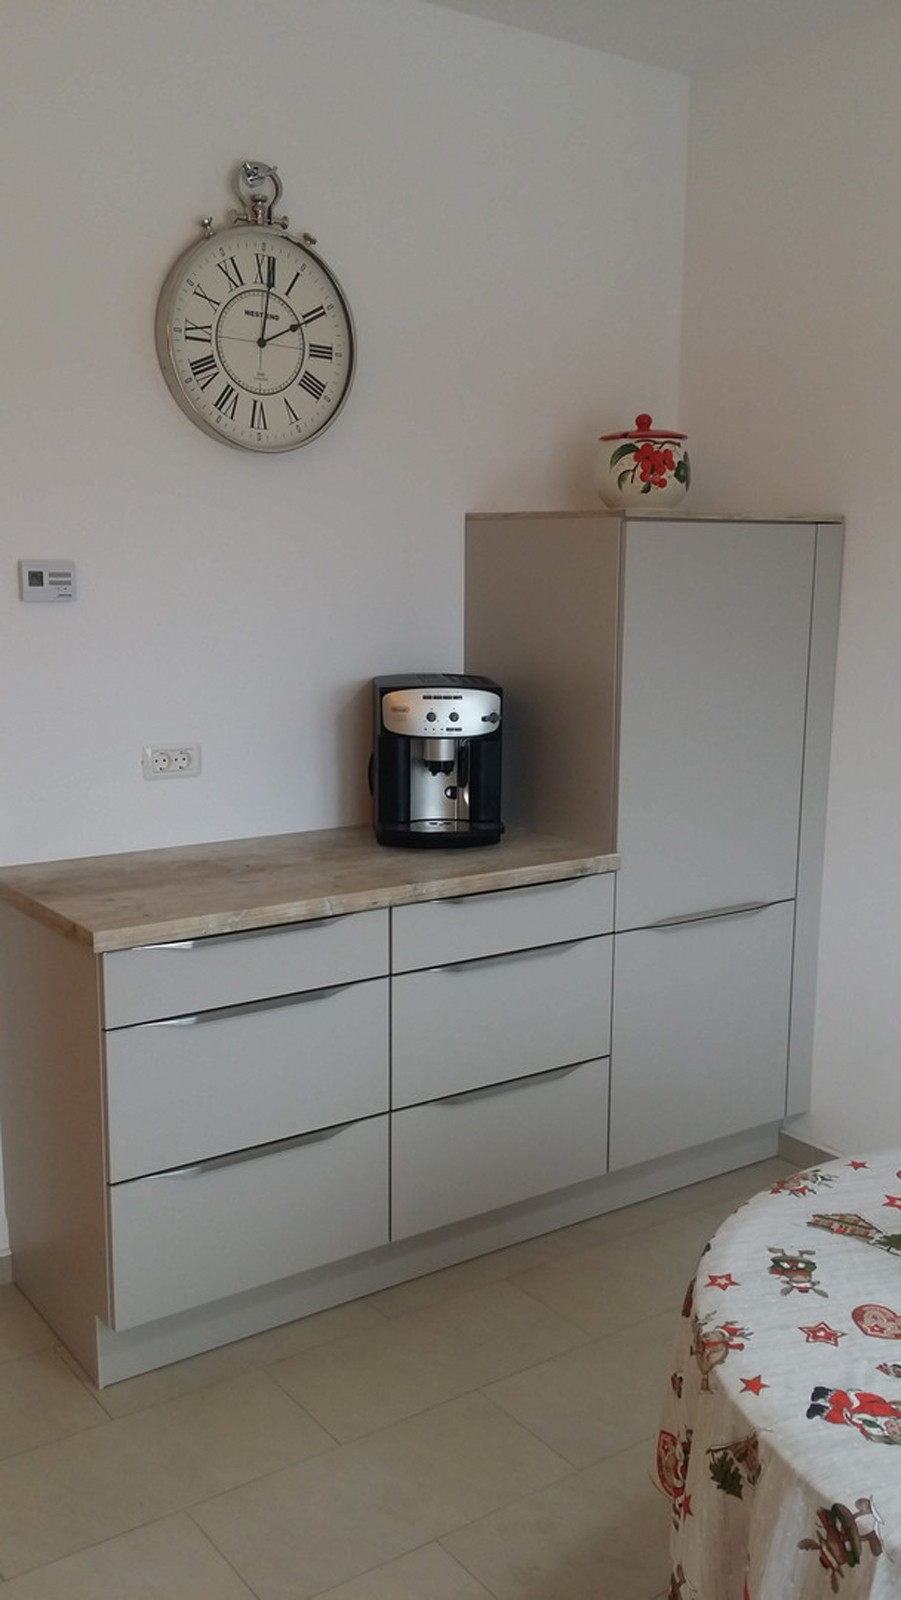 Referință - Bucătărie modernă Nobilia Touch - Satin gri / Driftwood